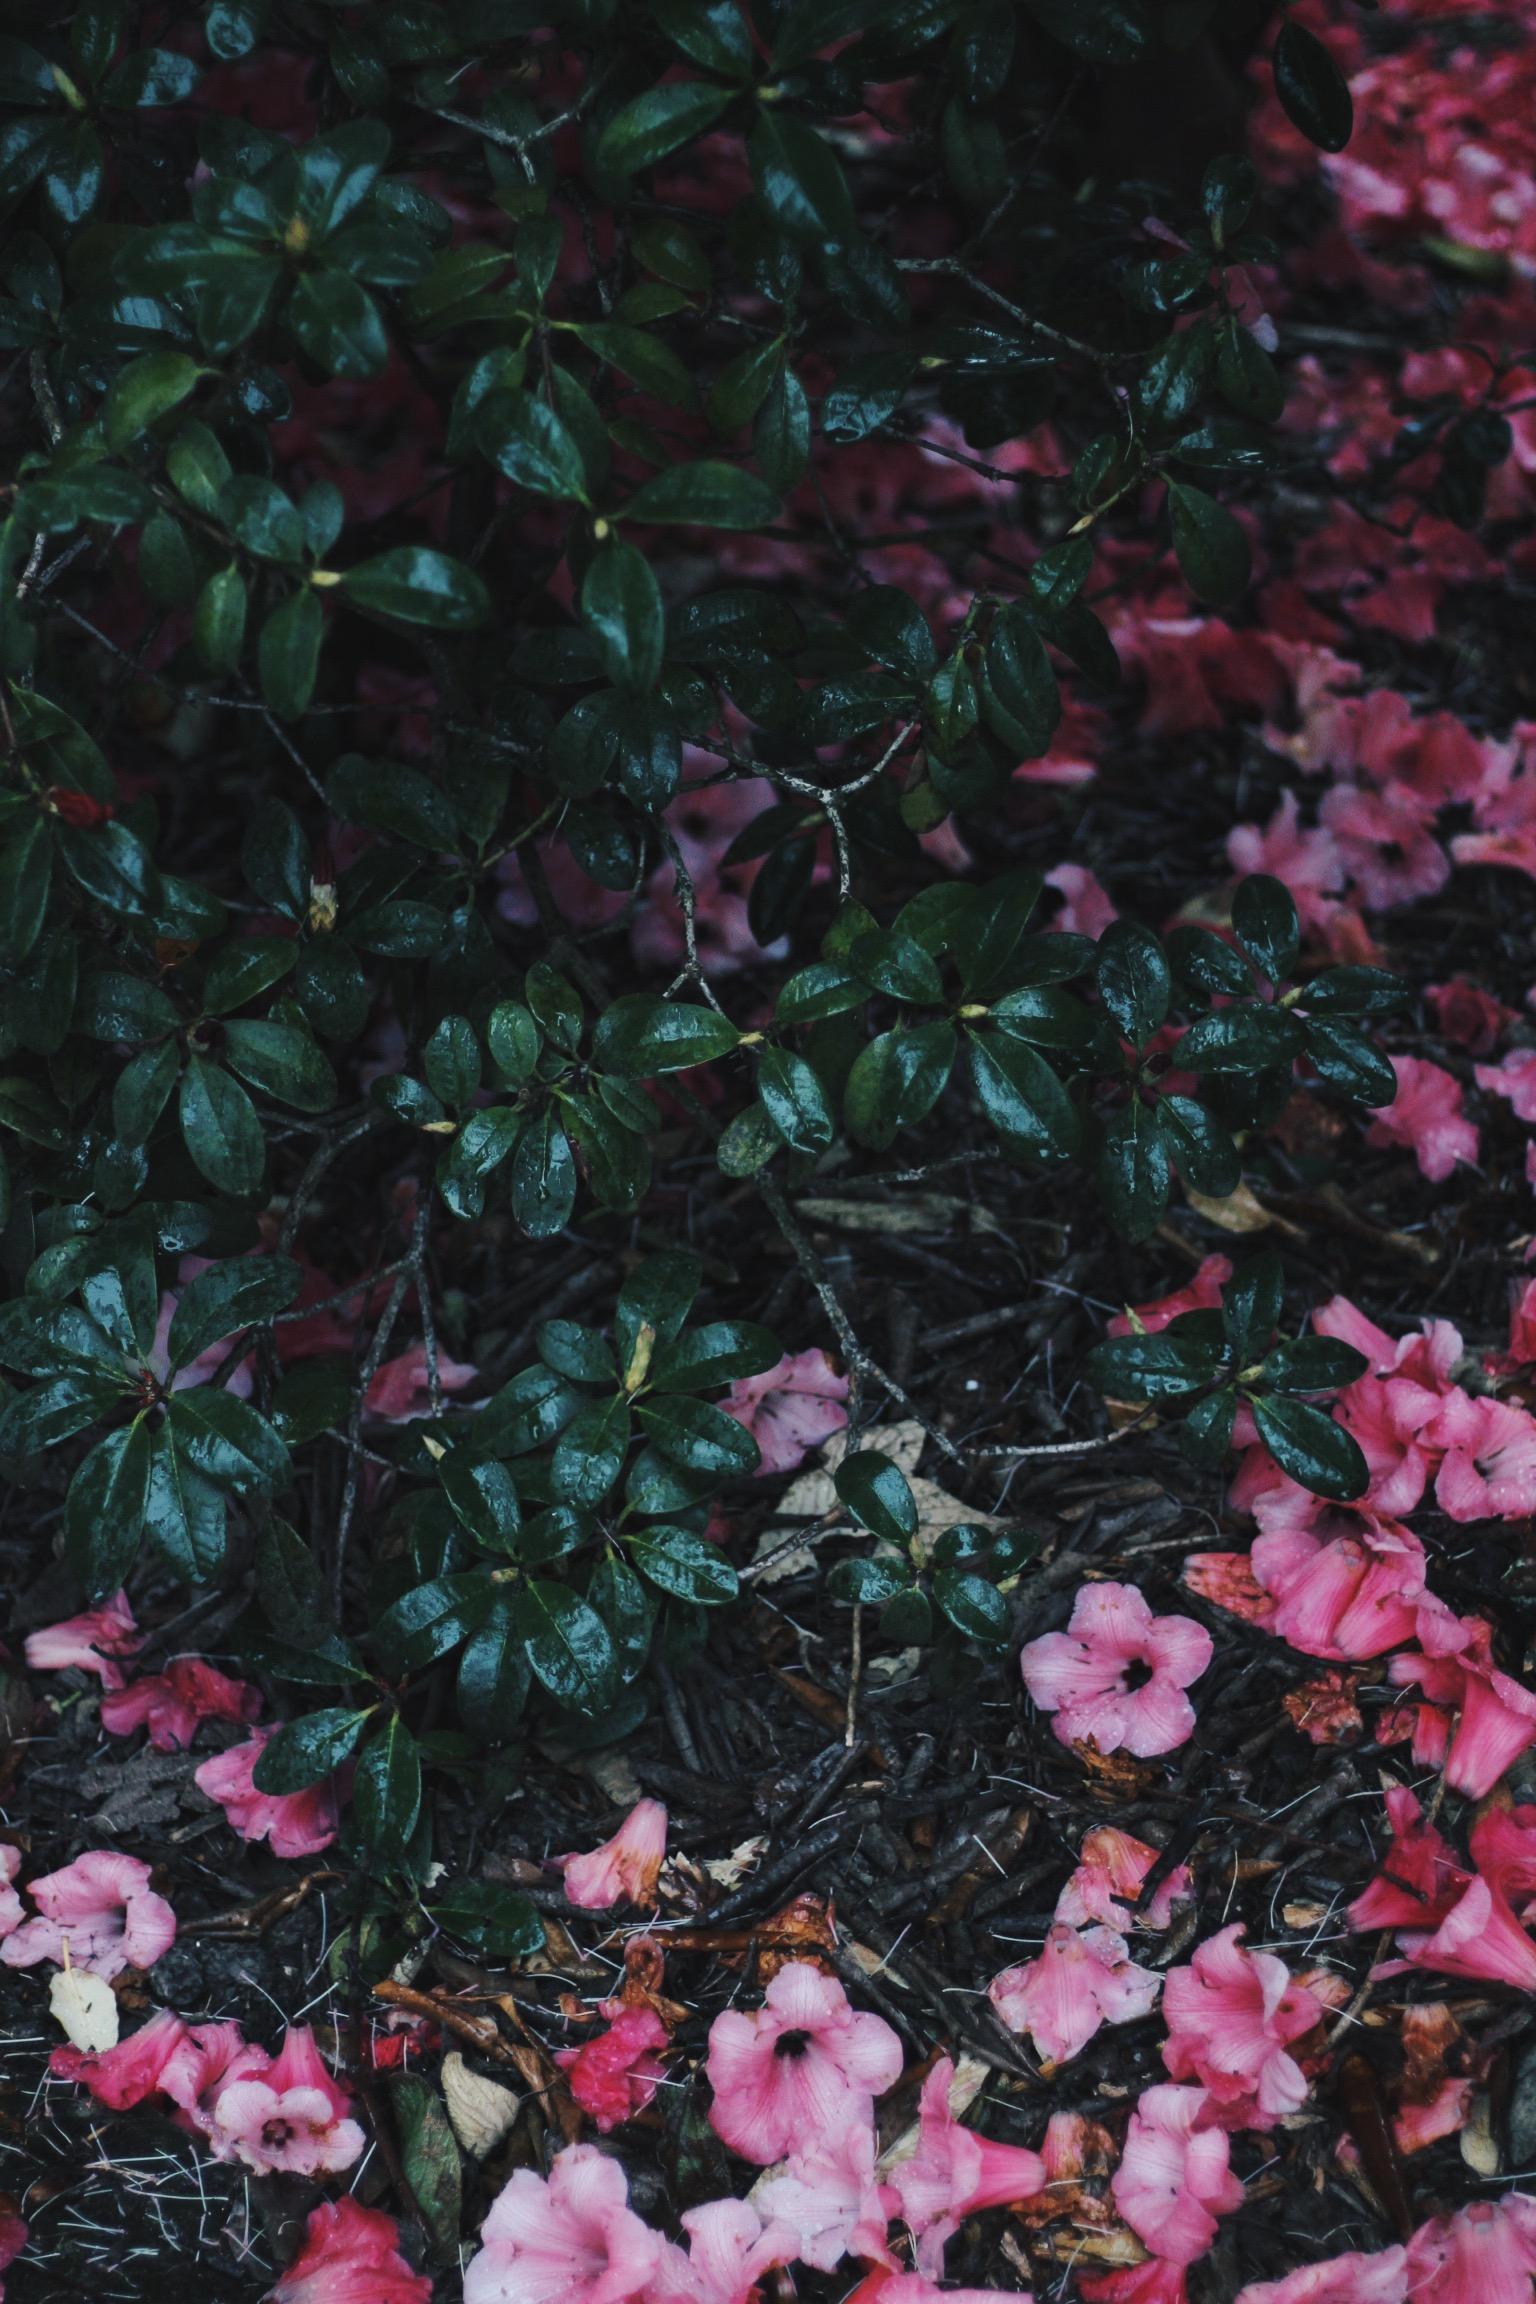 fallen pink flowers